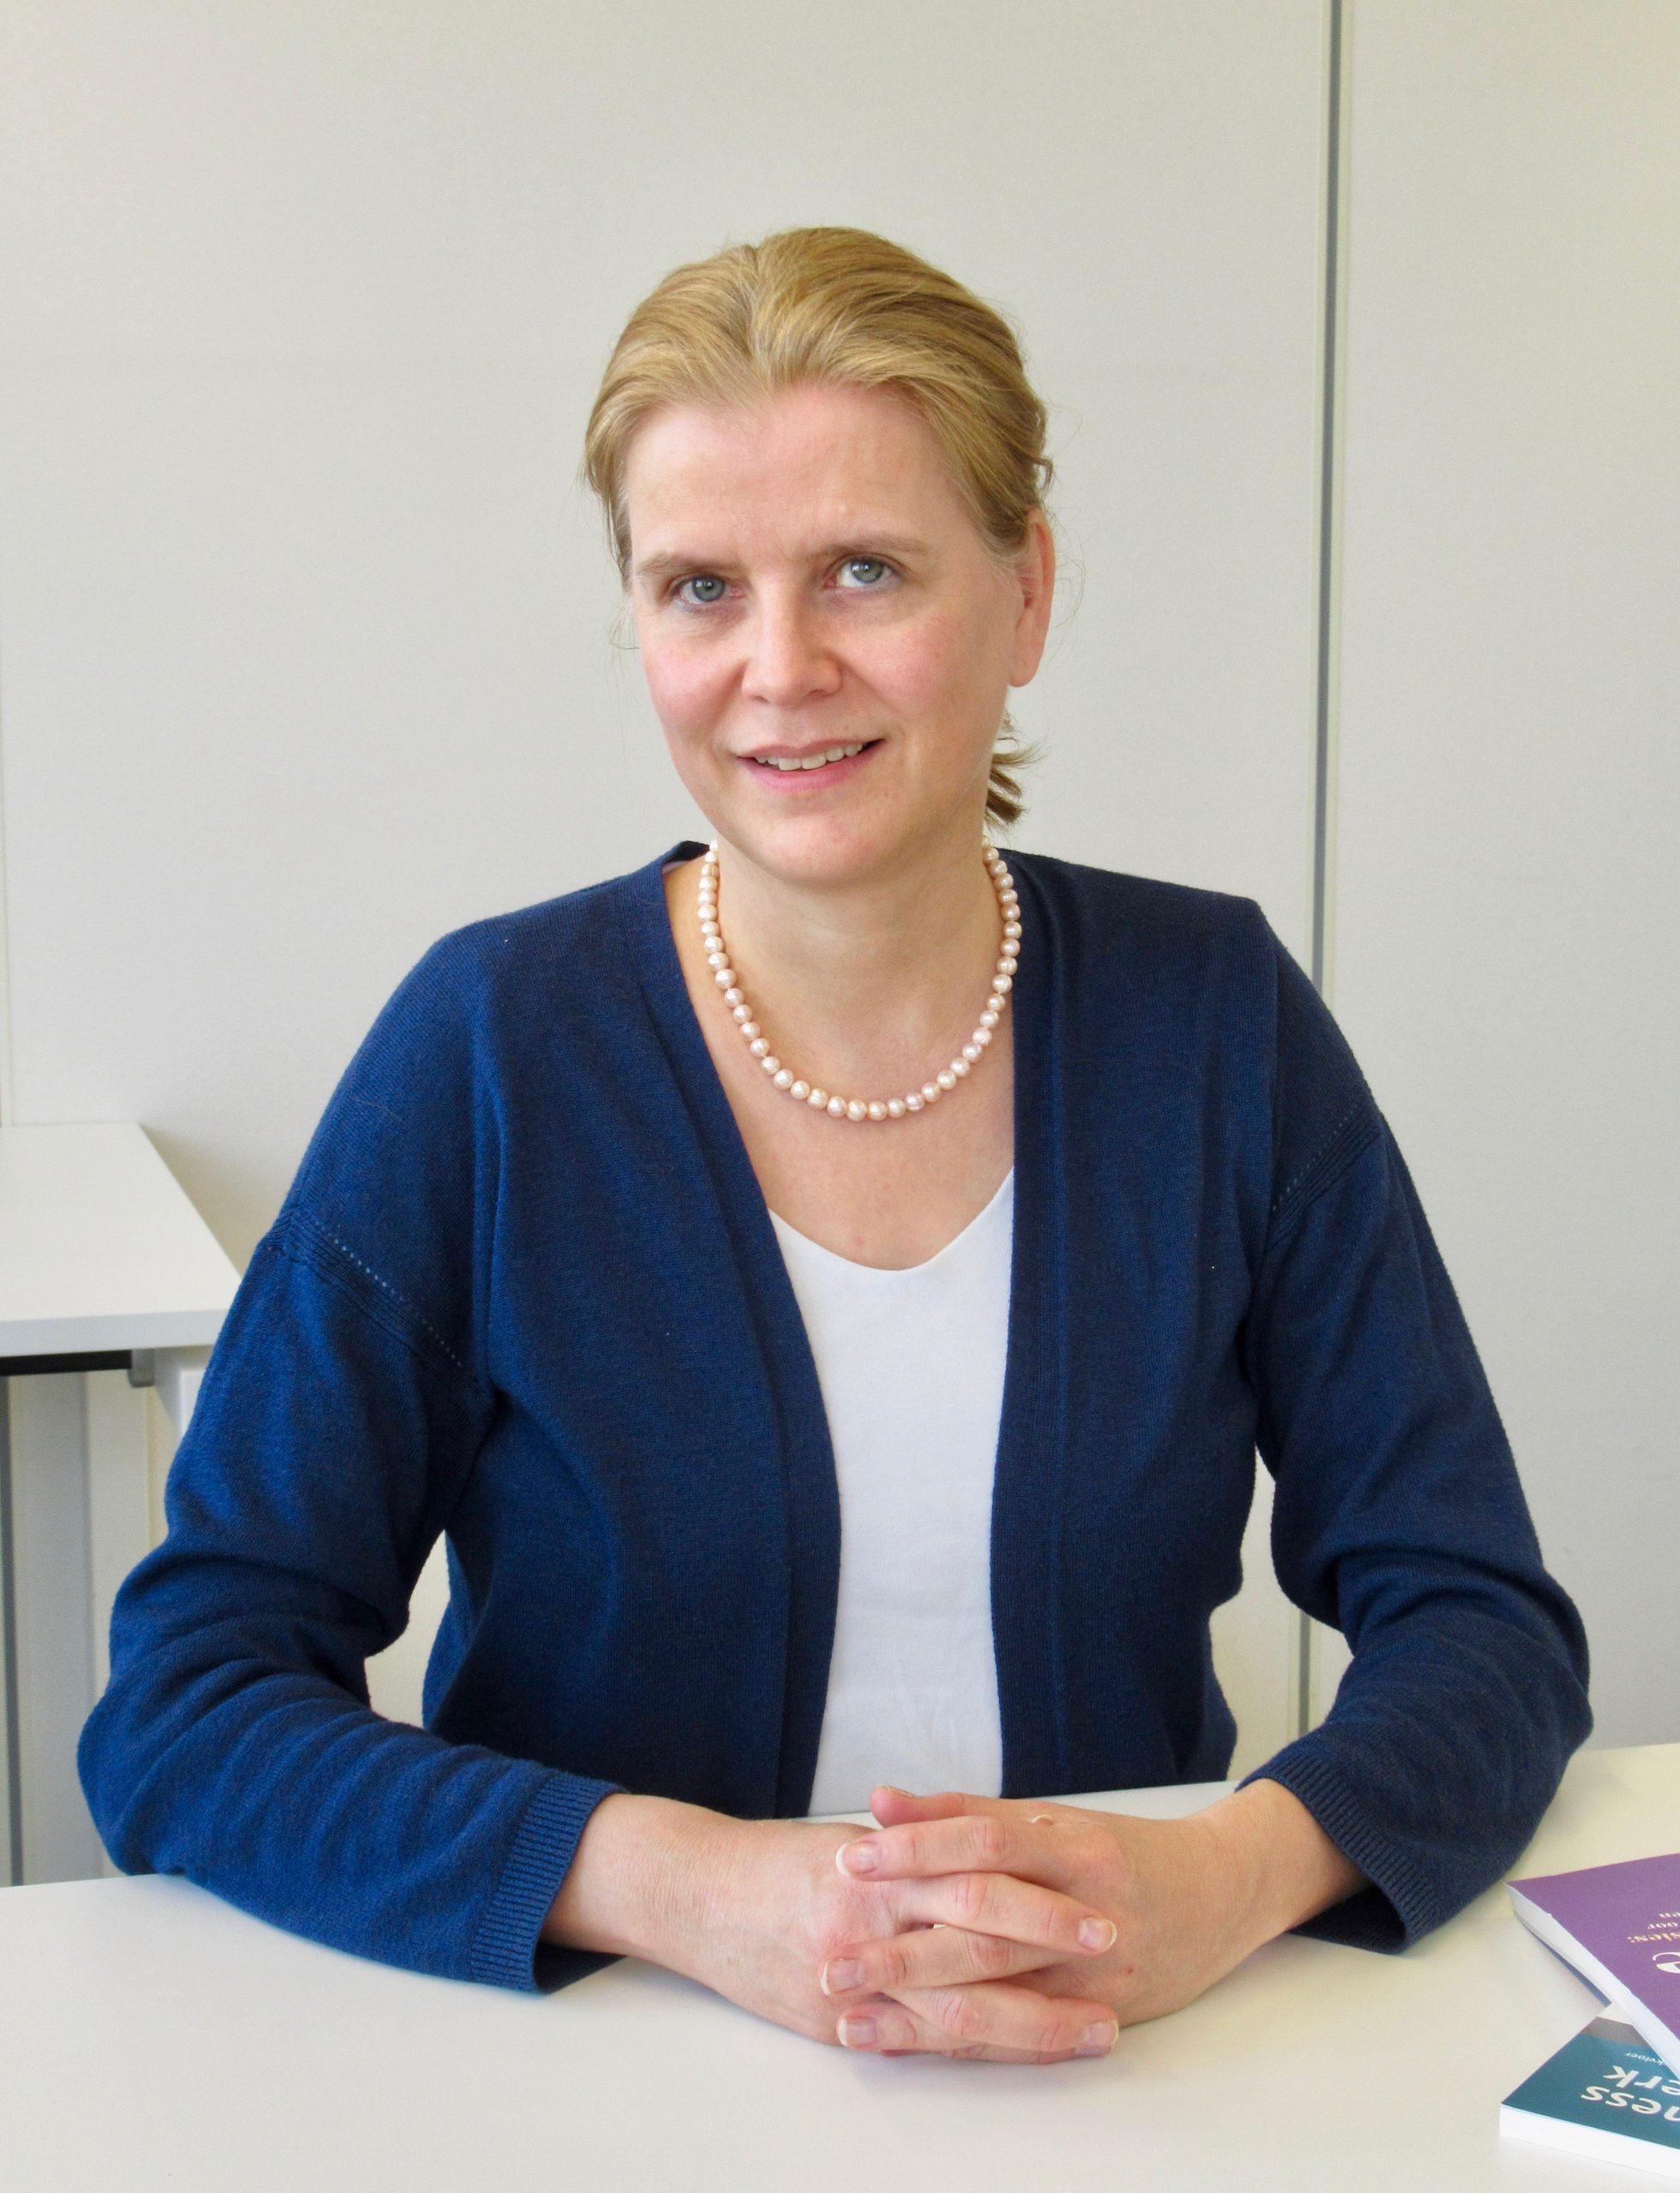 De docent van de relatietherapie opleiding bij StressWise Academy